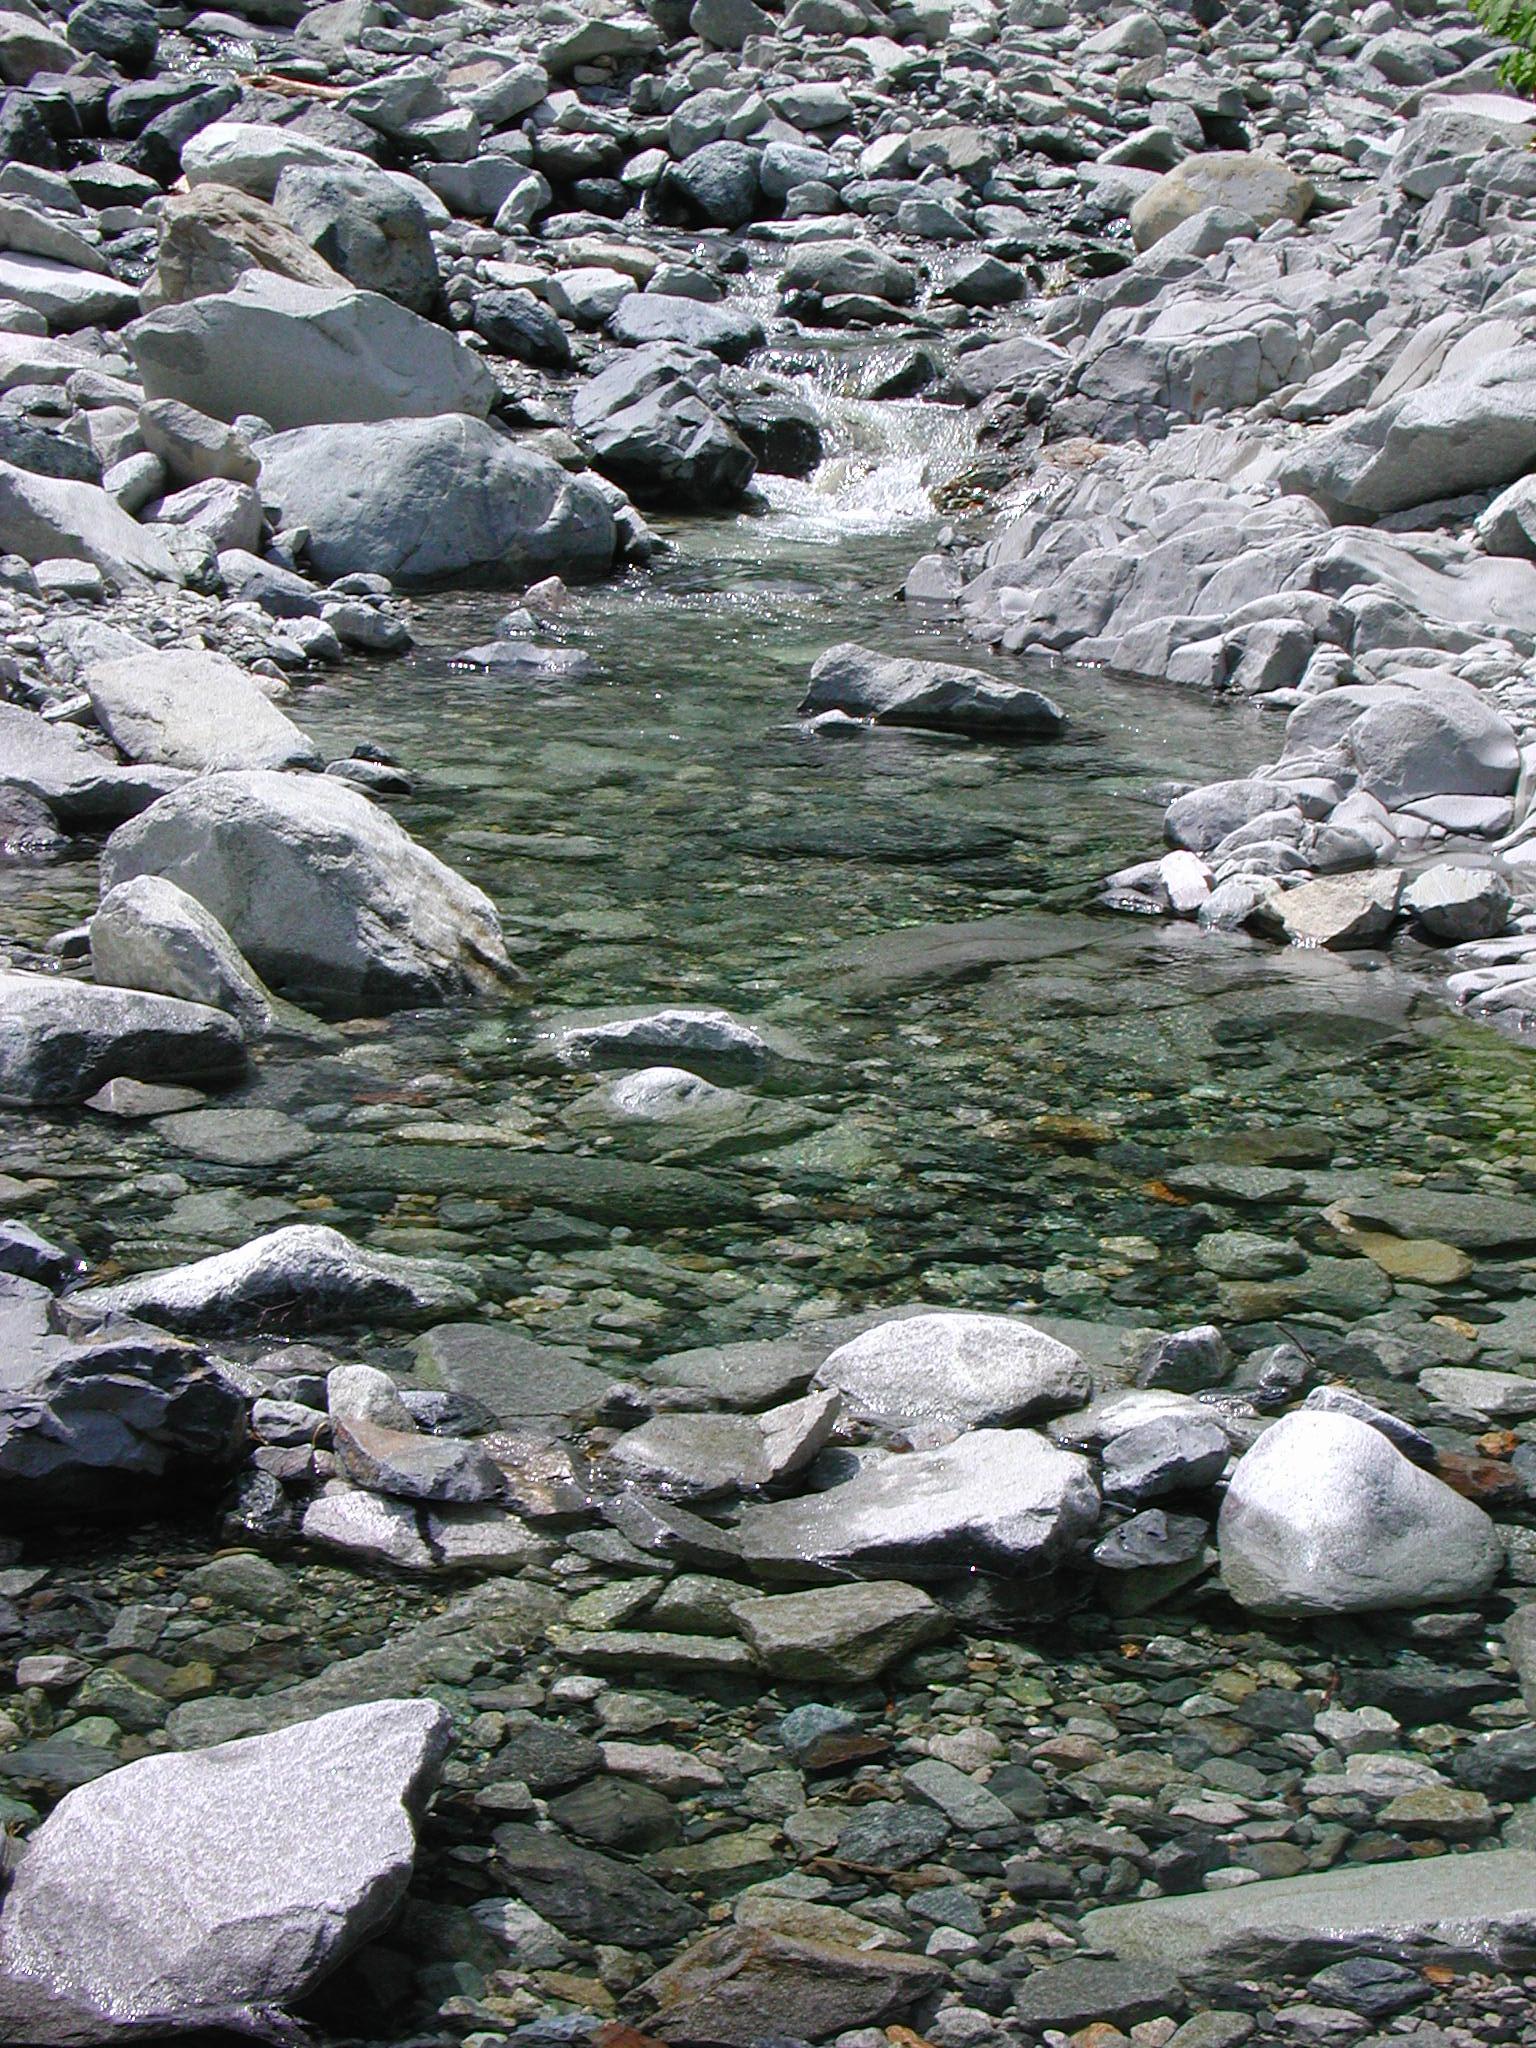 〜冷たい最高の水、素晴らしい風景とともに〜